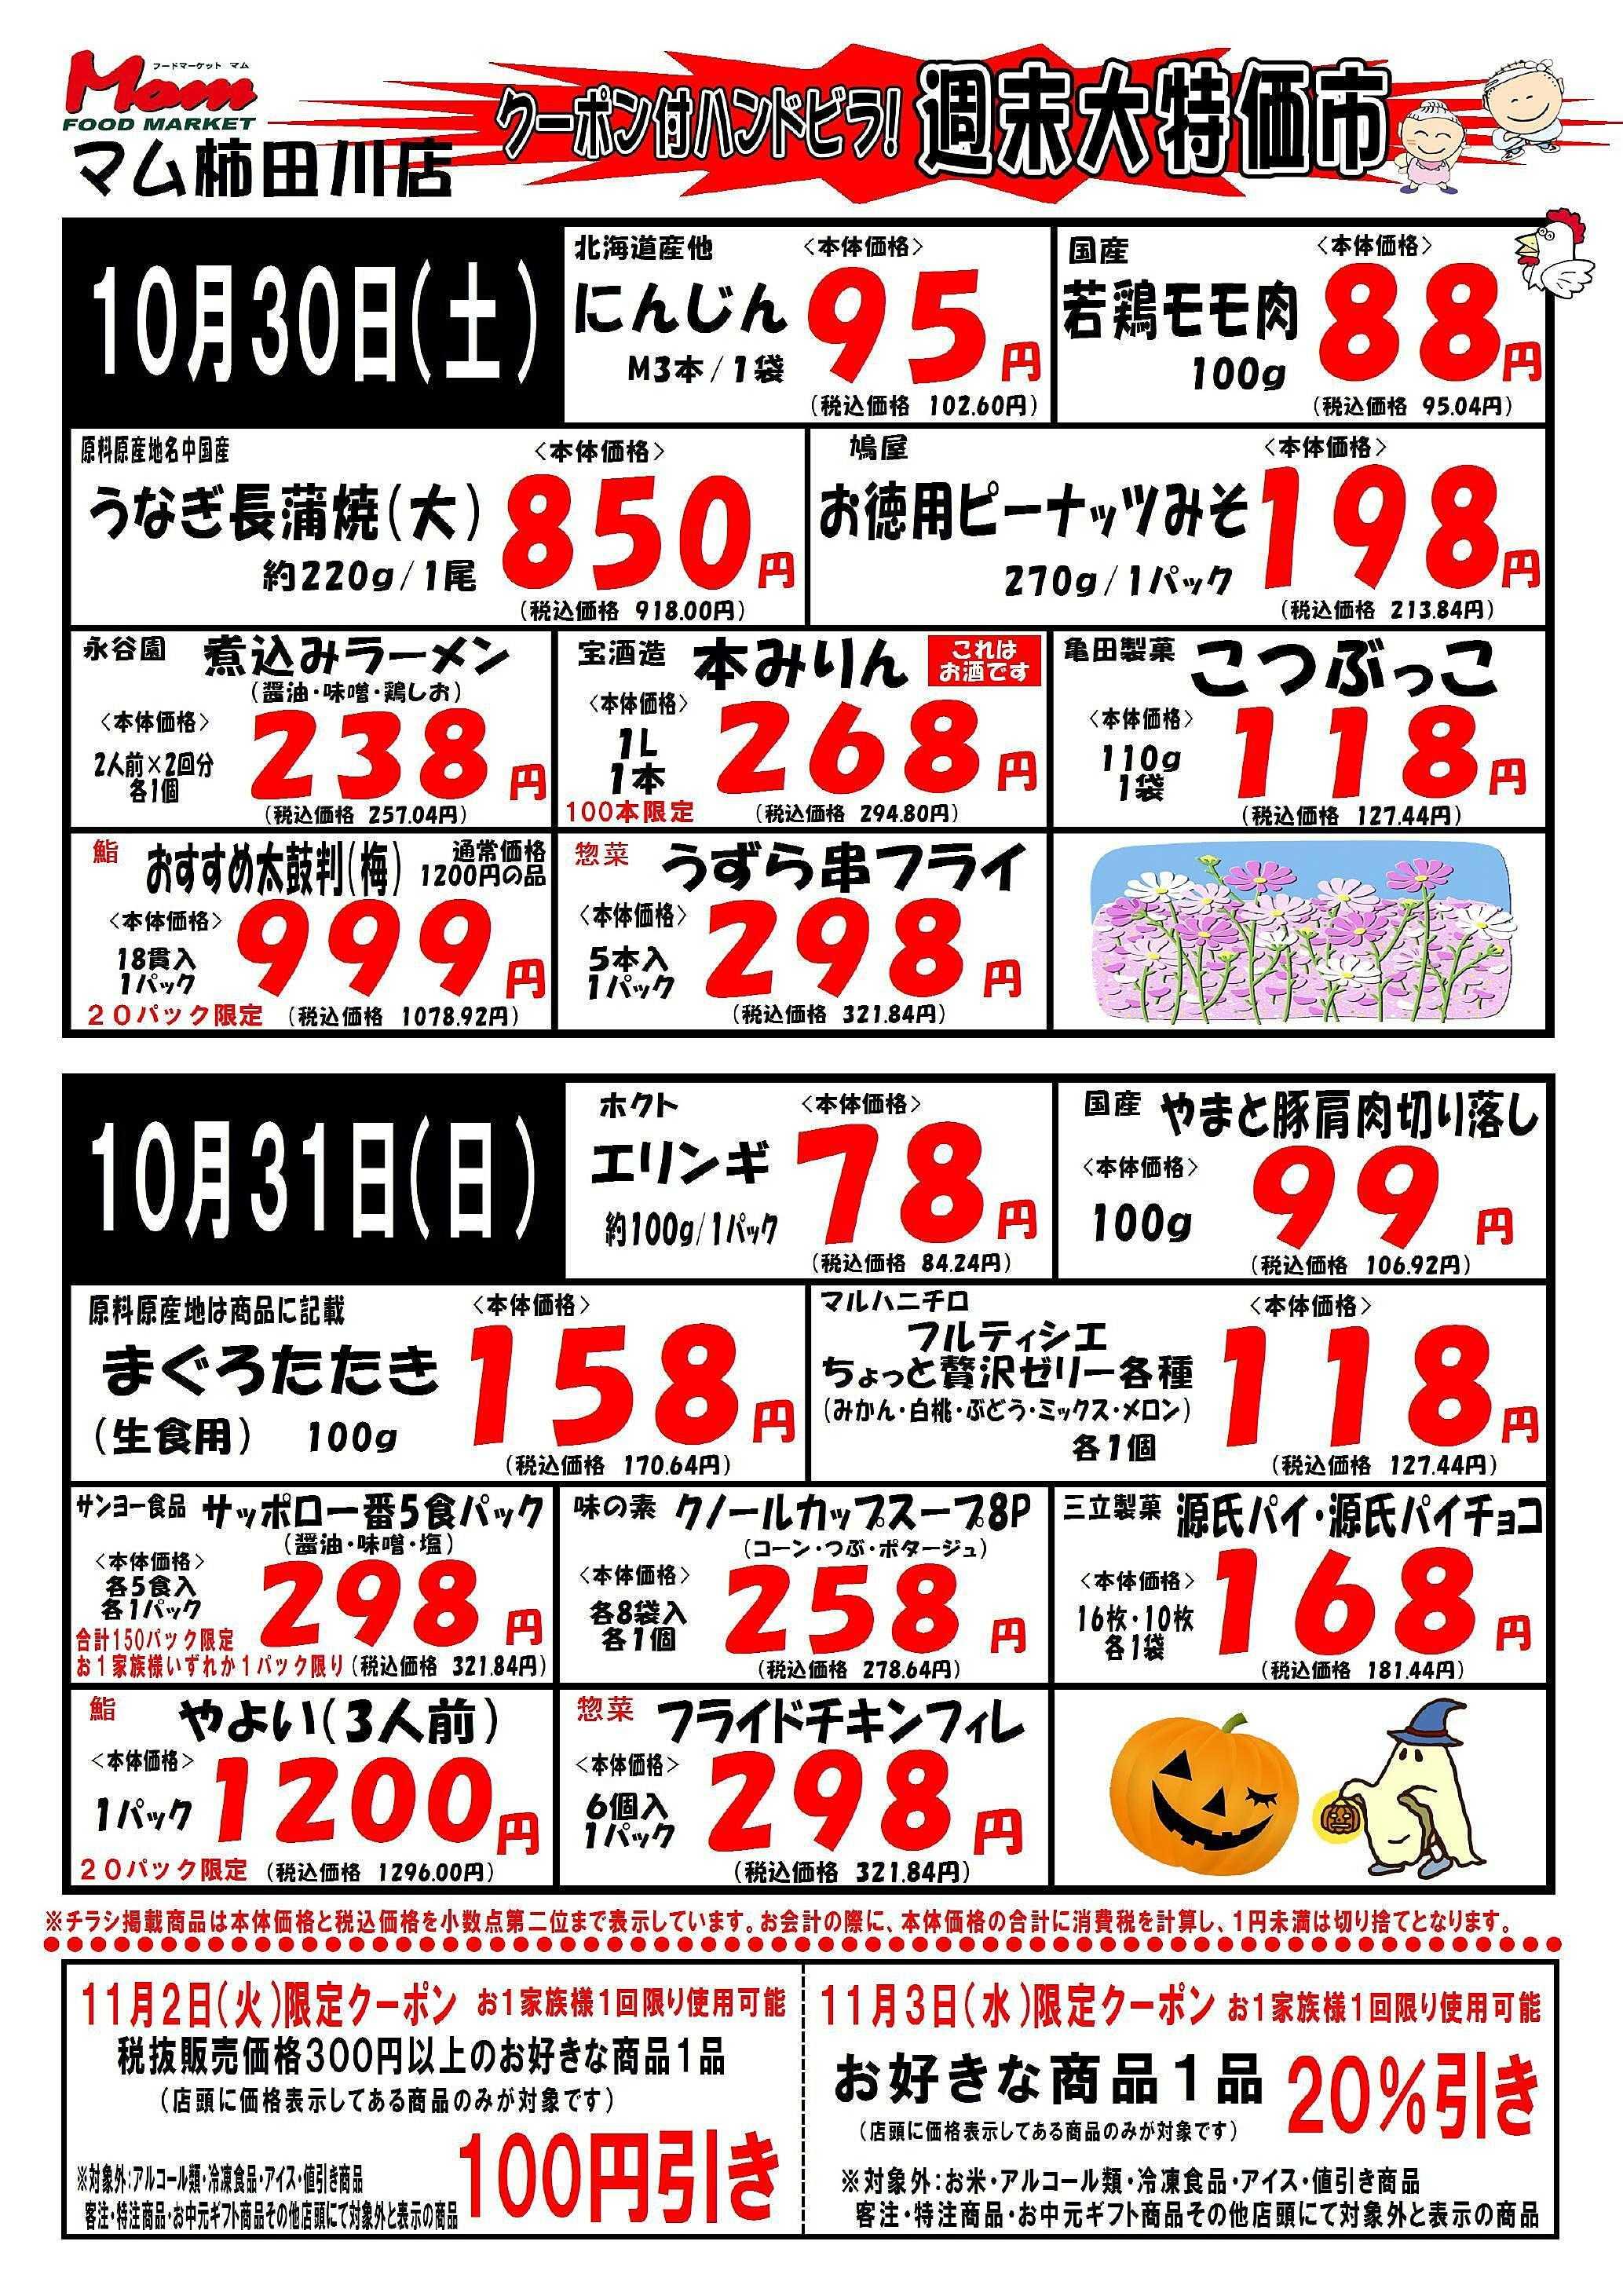 フードマーケット マム マム柿田川店週末大特価市おもて